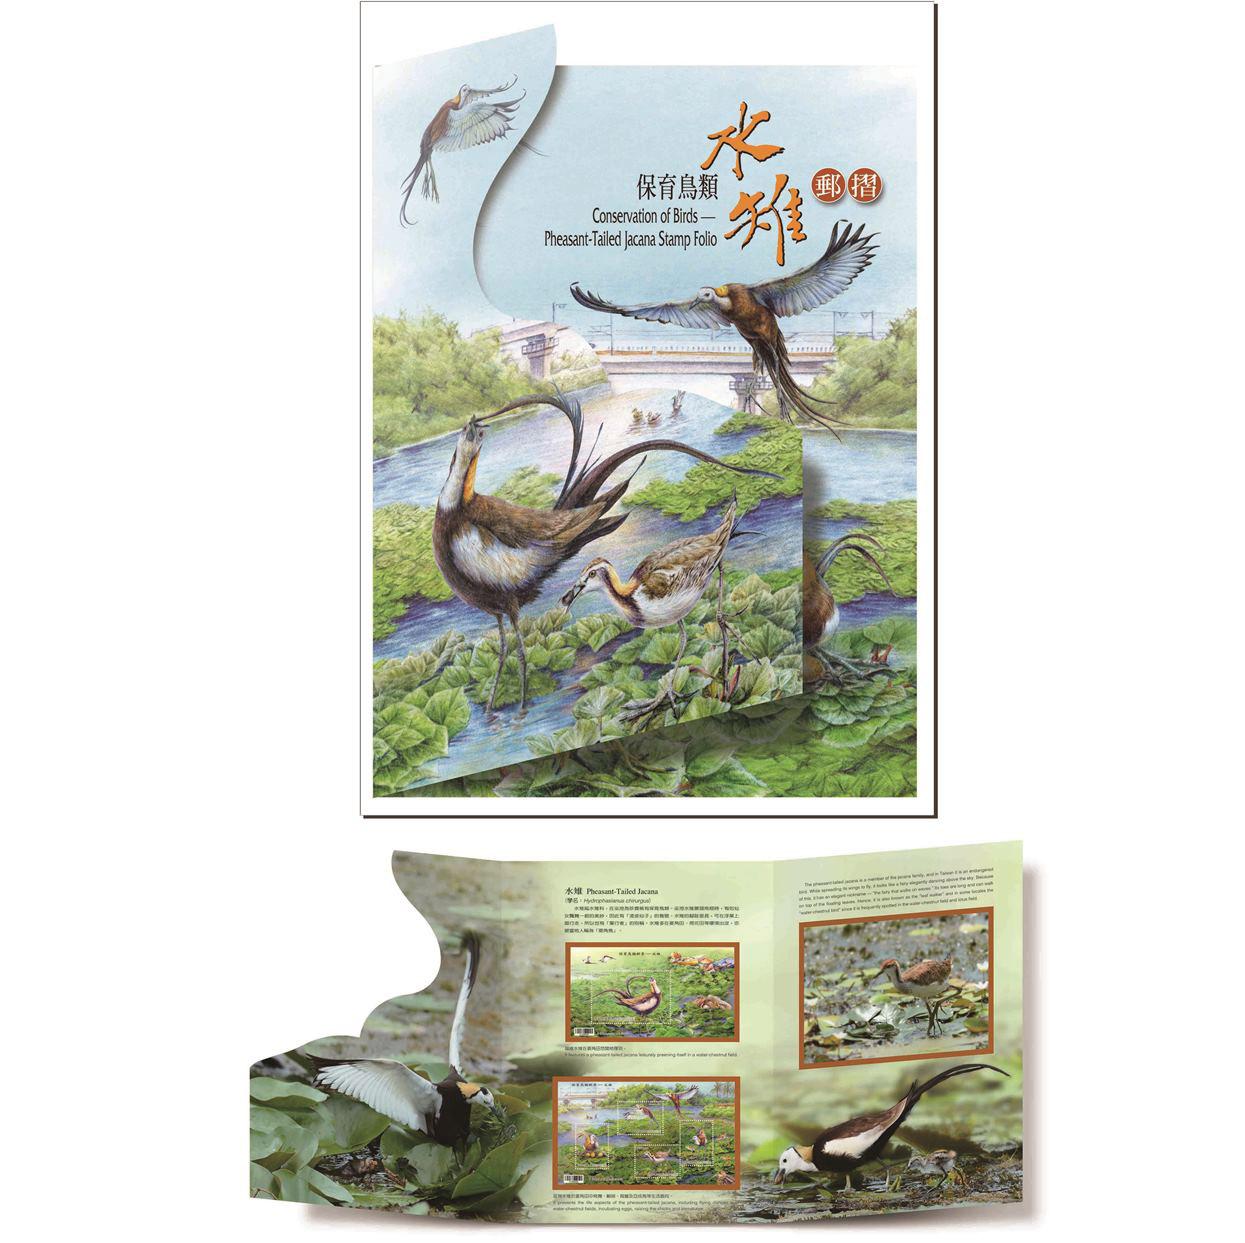 保育鳥類郵票小全張-水雉郵摺